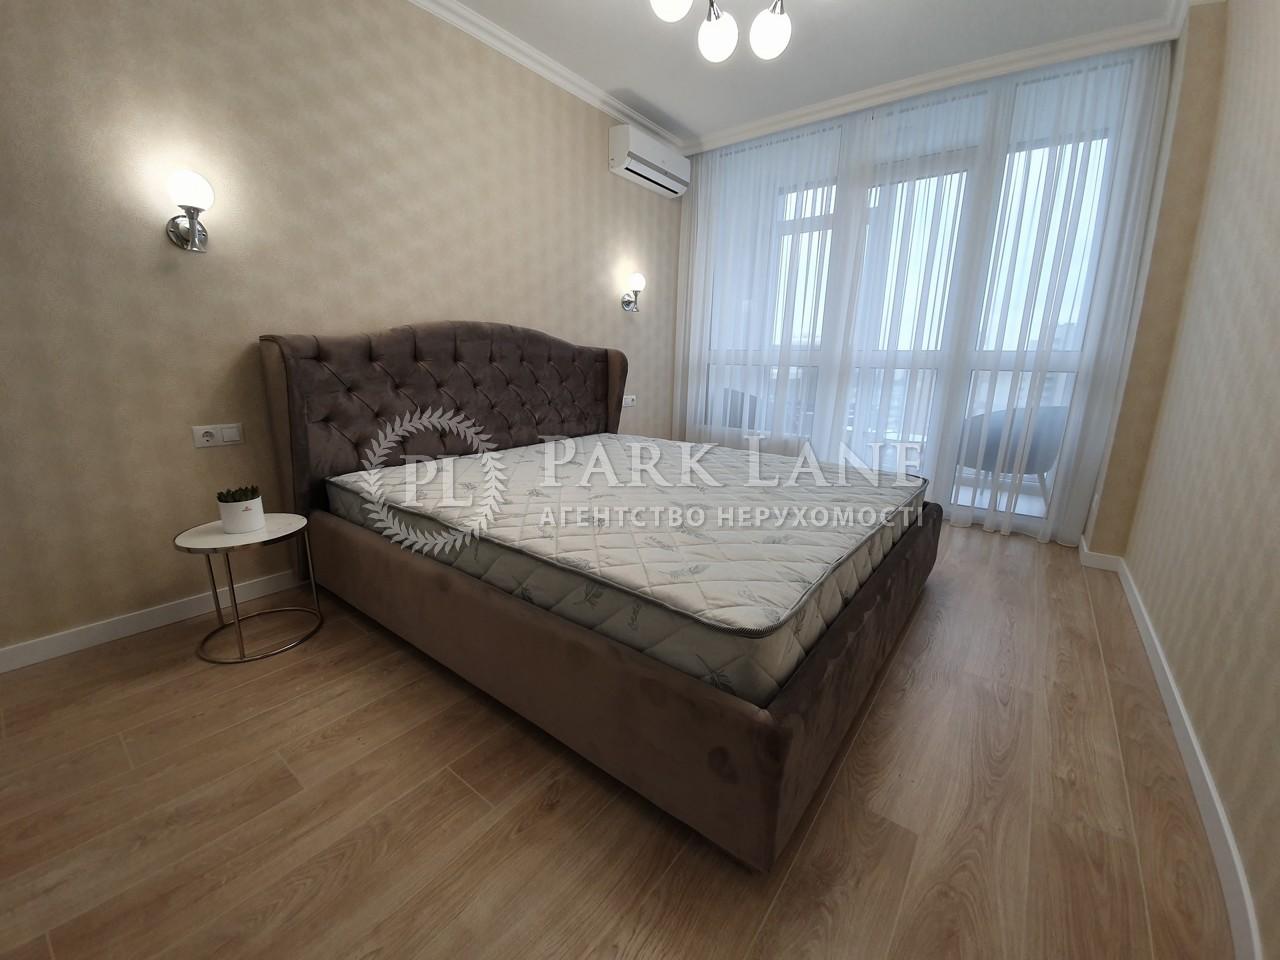 Квартира ул. Предславинская, 40, Киев, J-28265 - Фото 11